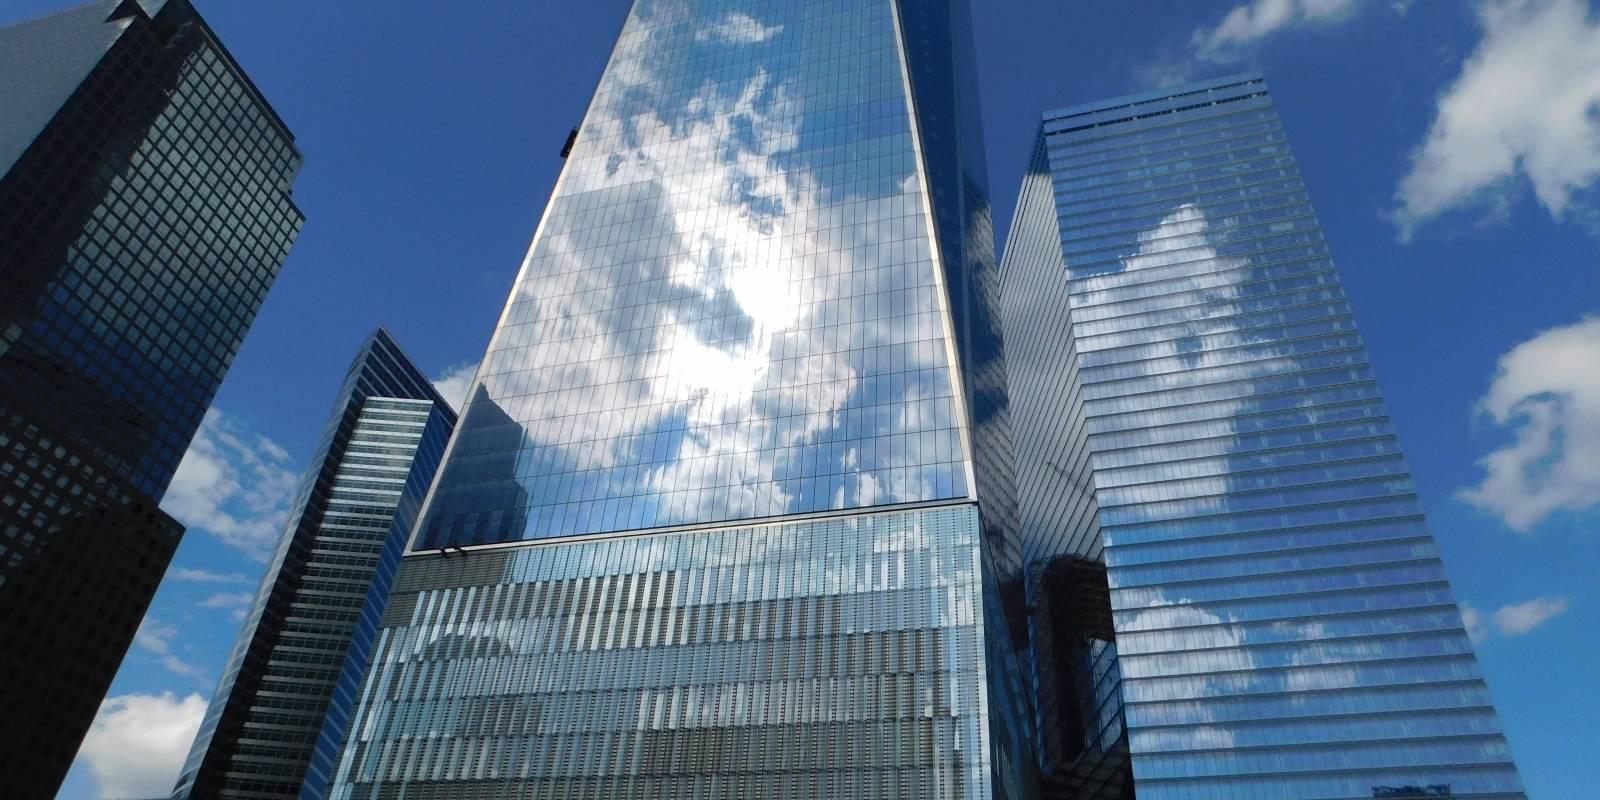 El cielo se funde con la estructura de cristal del One World Trade Center de Nueva York.